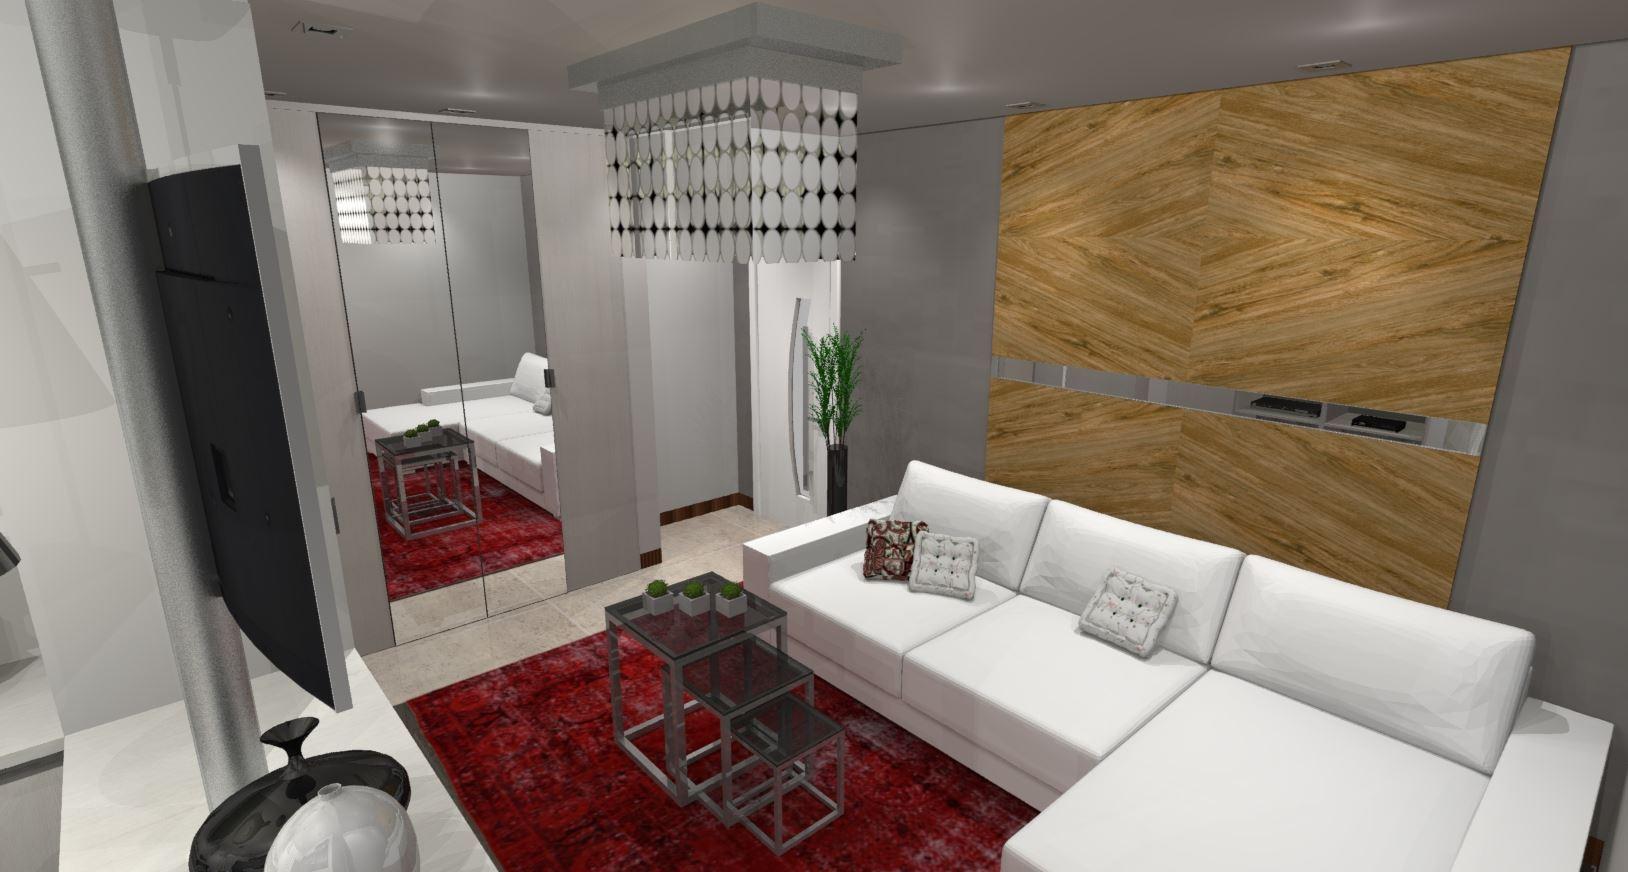 Sala para Apartamento Studio - Visão Lateral